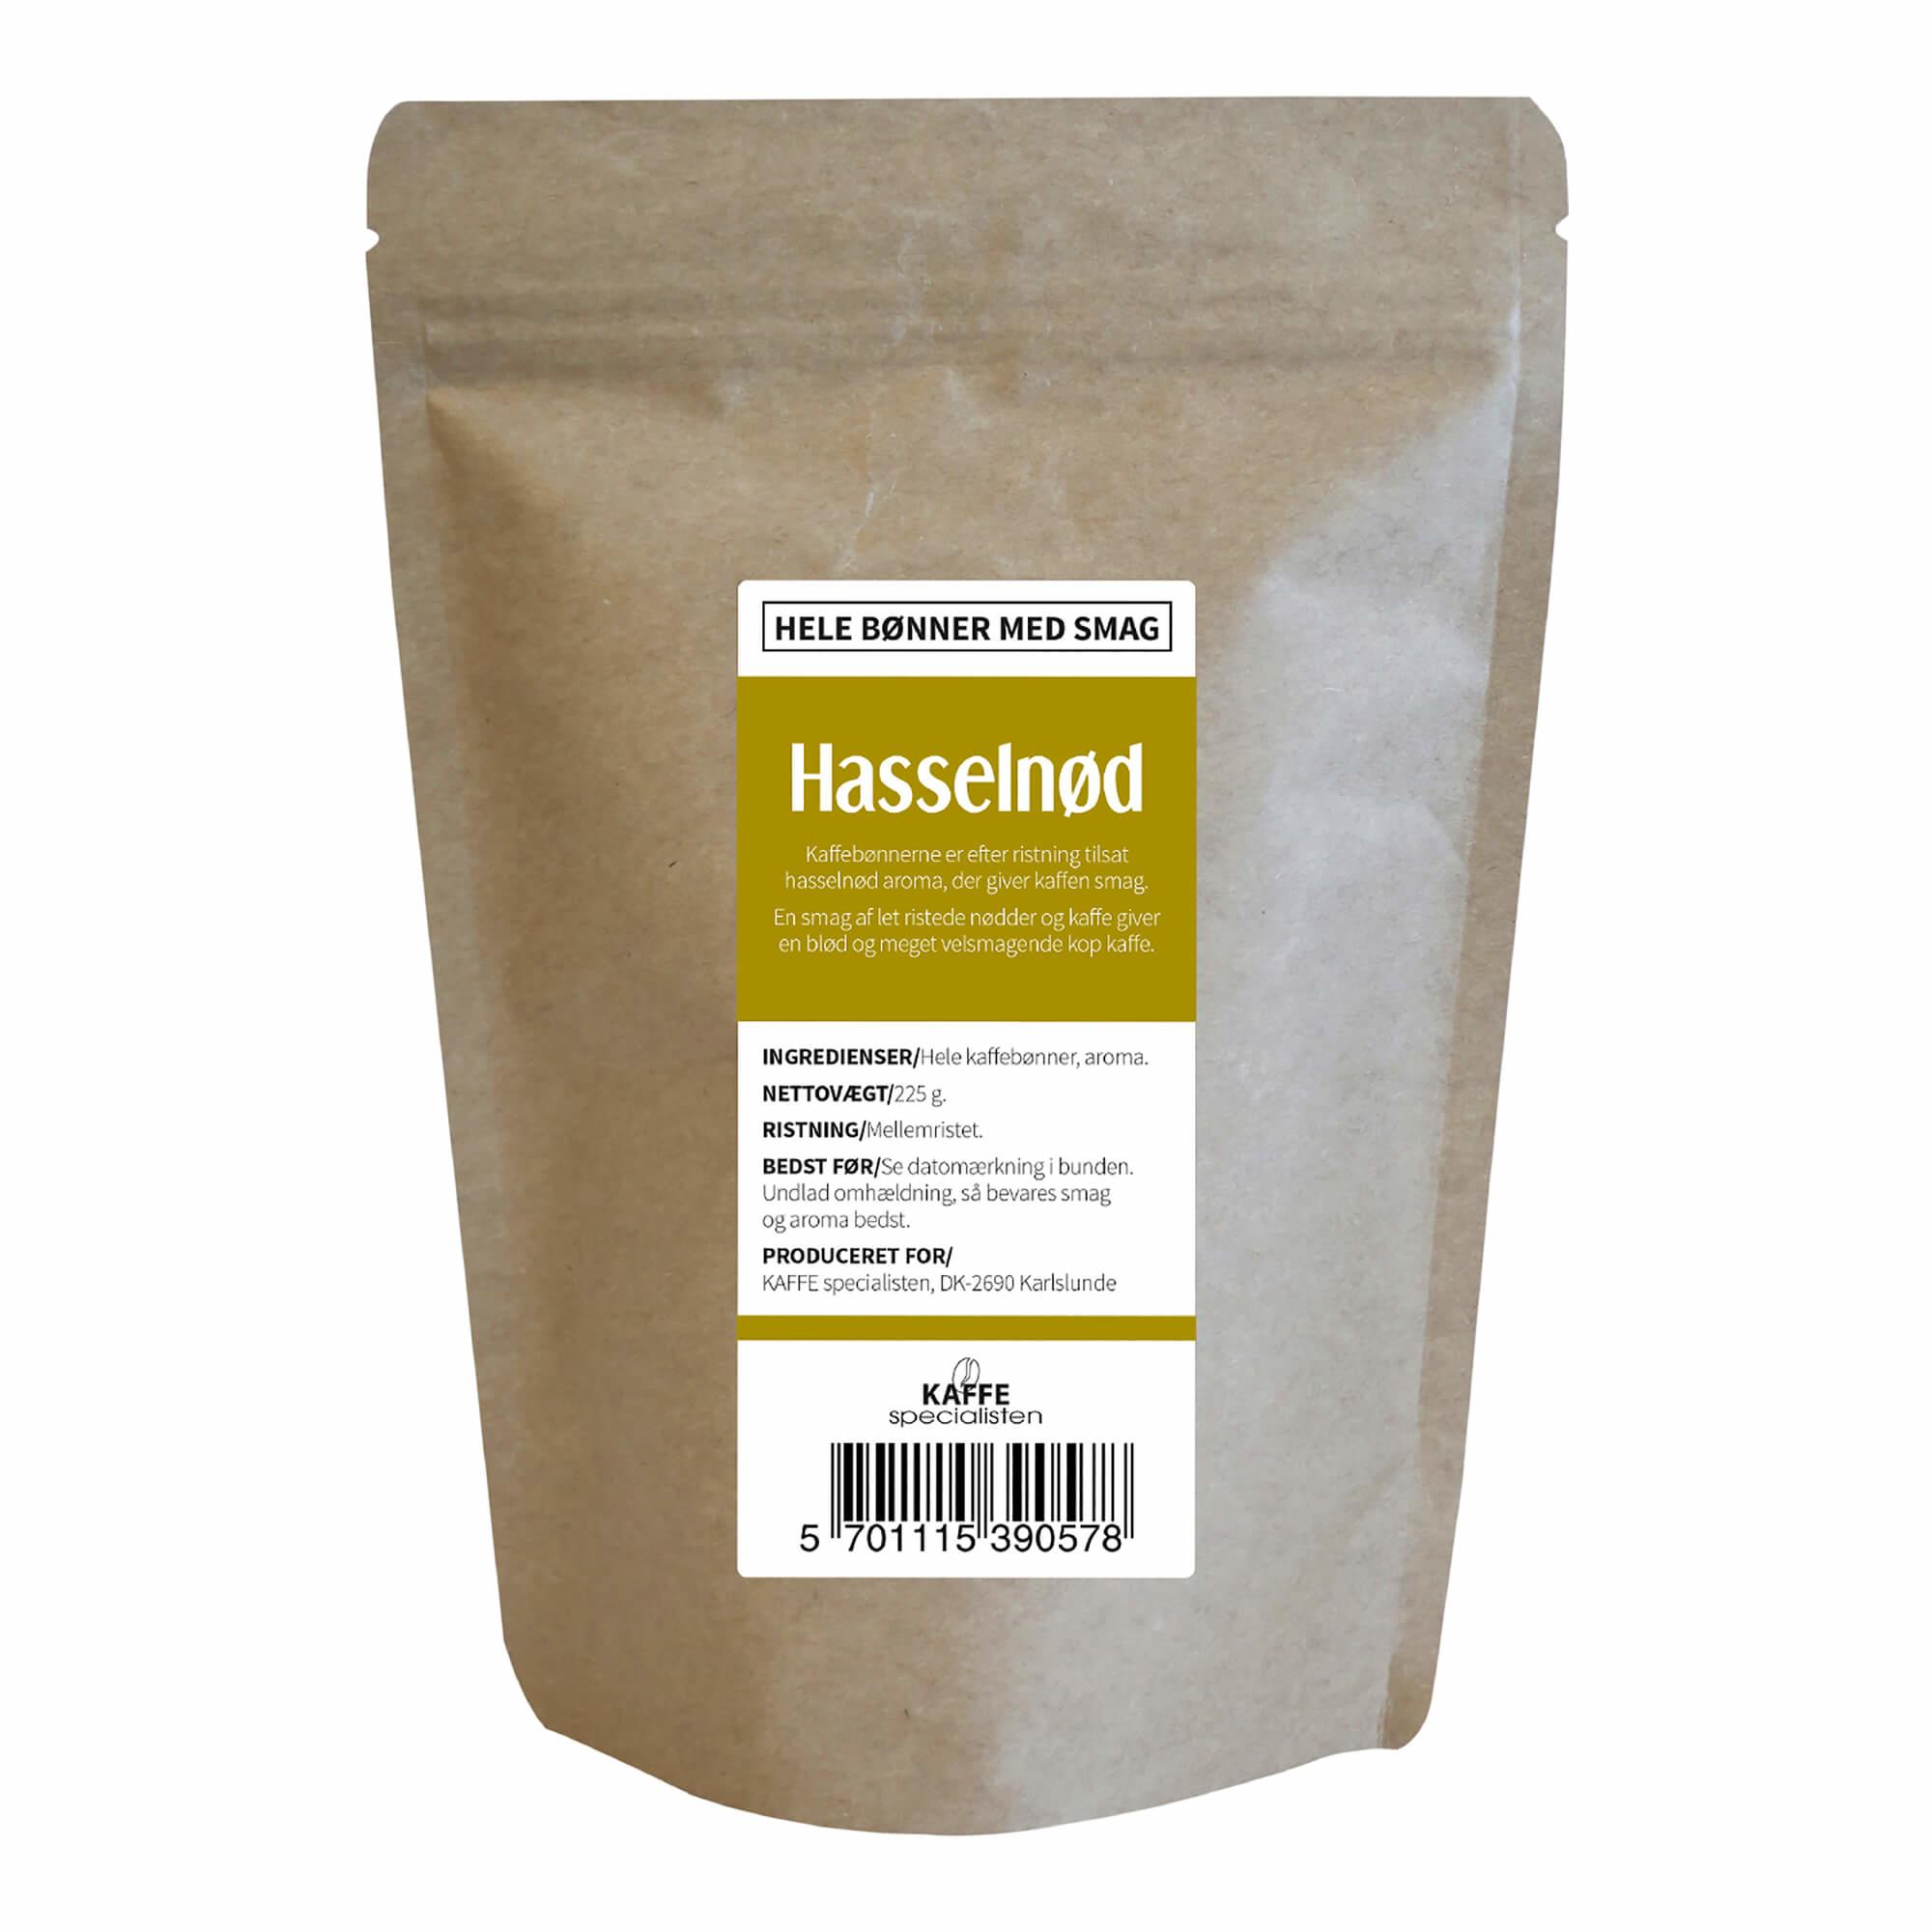 KAFFE Specialisten Kaffebønner Hasselnød Smag